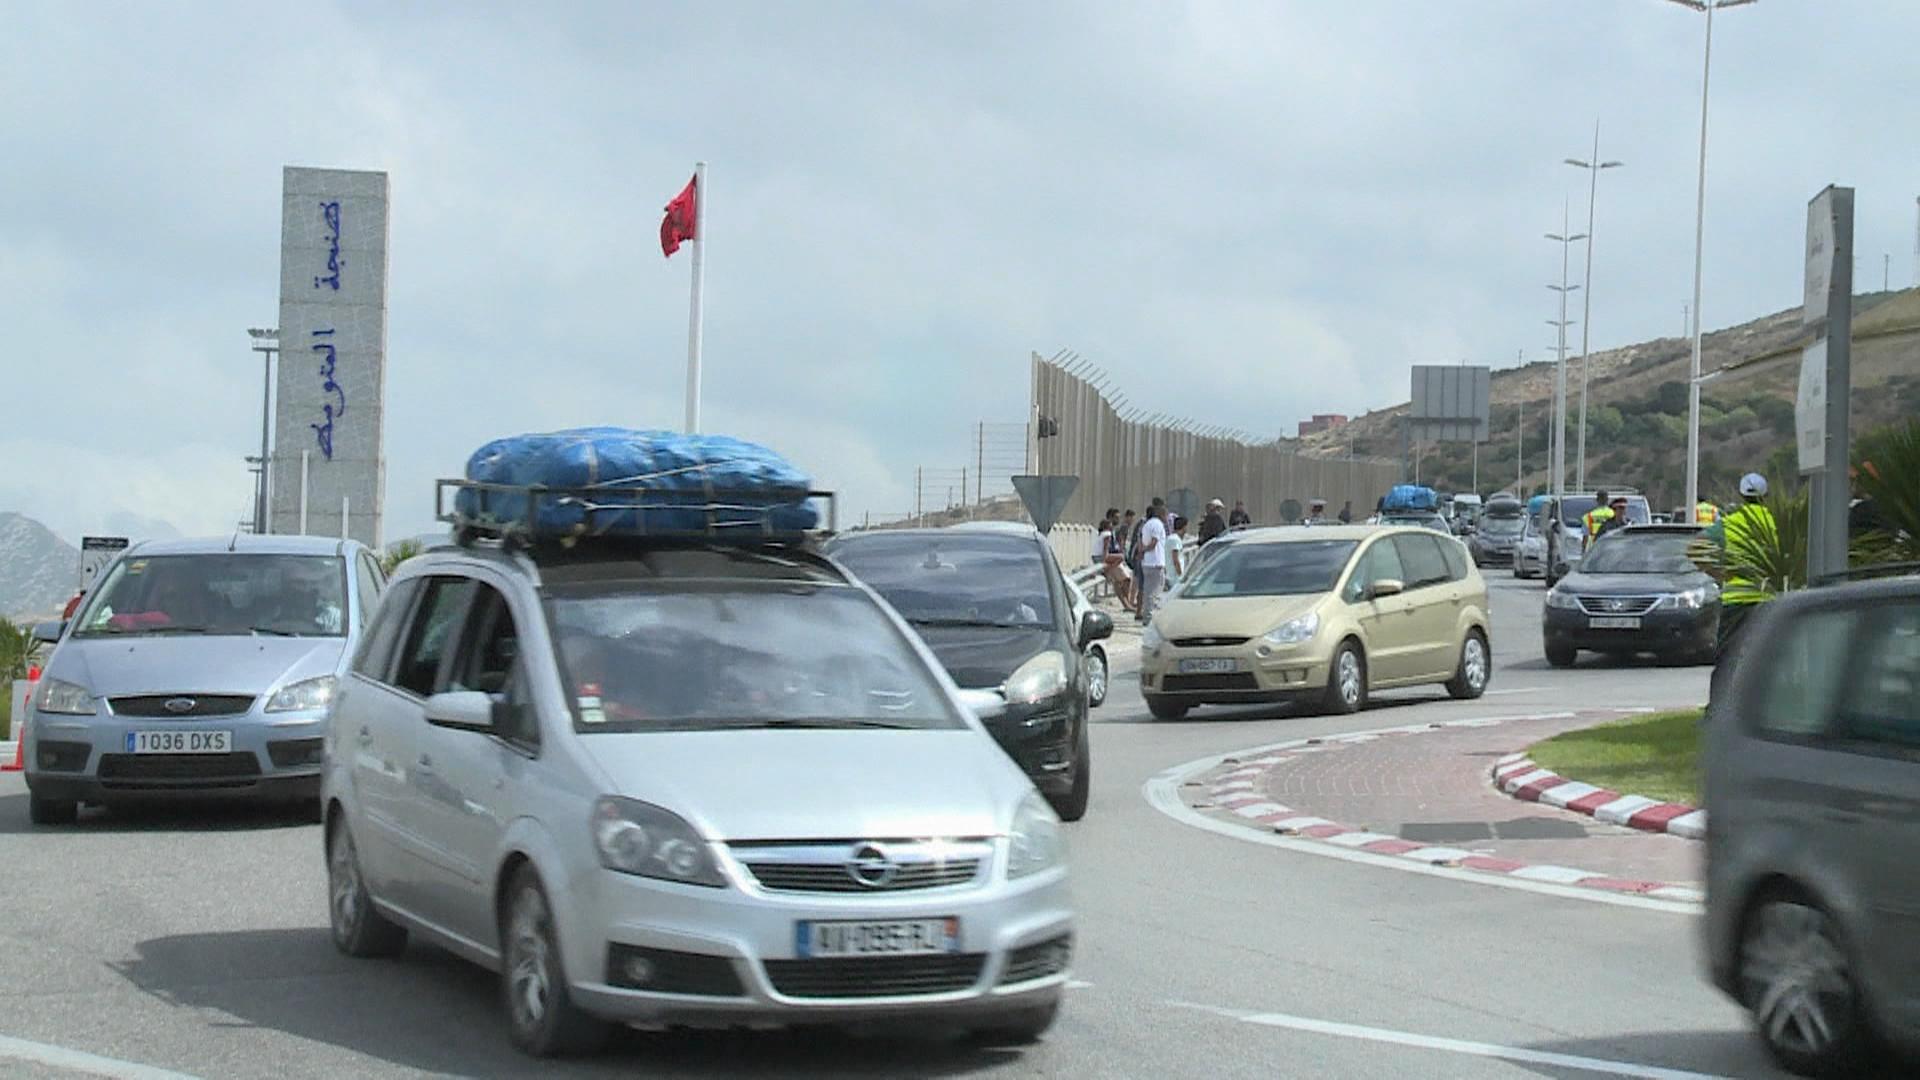 خسائر كبيرة جراء استثناء الموانئ الإسبانية من عملية عبور المغاربة خلال صيف 2021